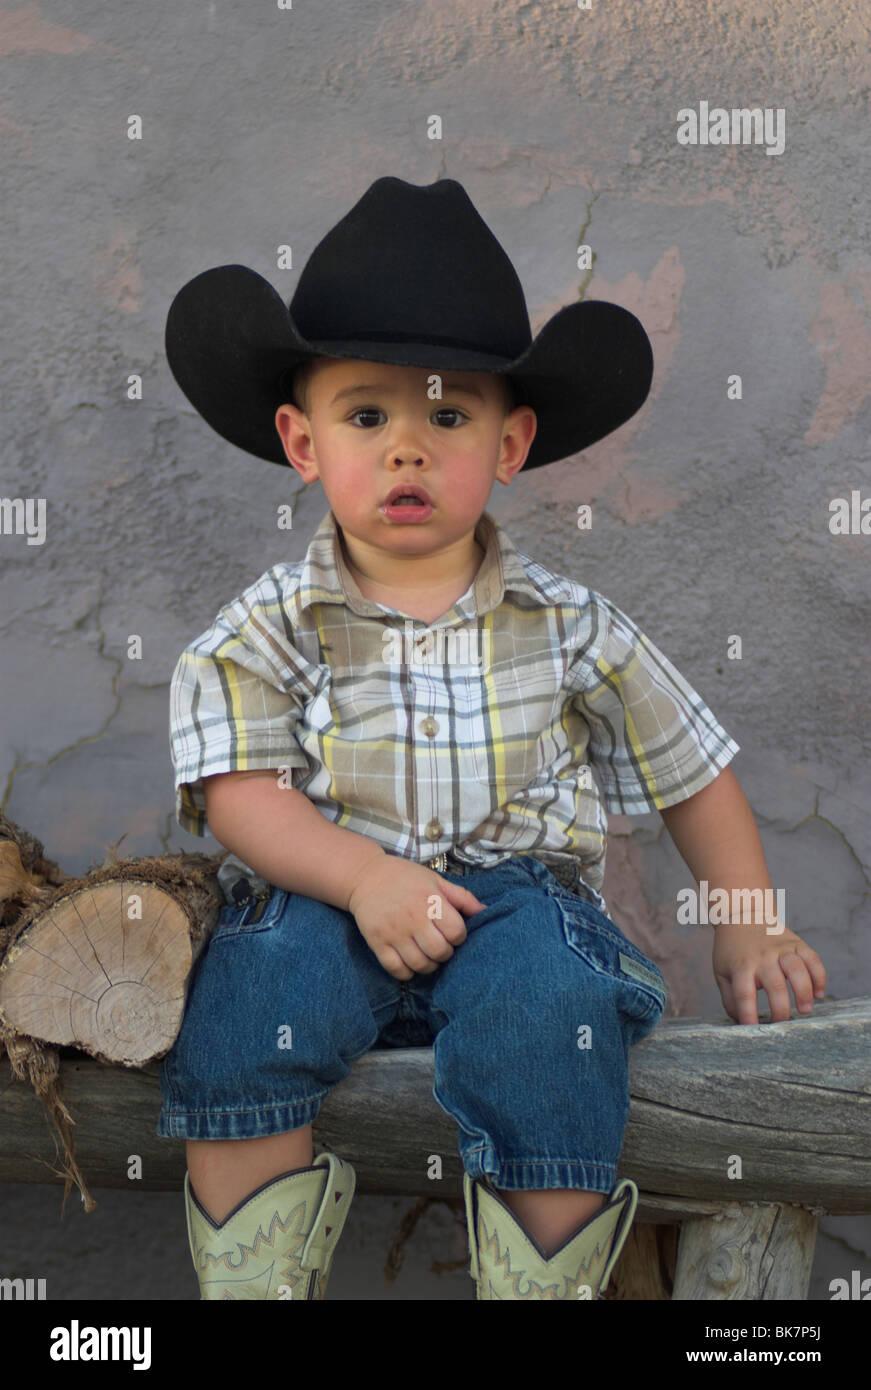 Un lindo 2-4 años de raza mixta niño usando un sombrero de vaquero y  sentado en un banco(liberado) 177596f0f9bb